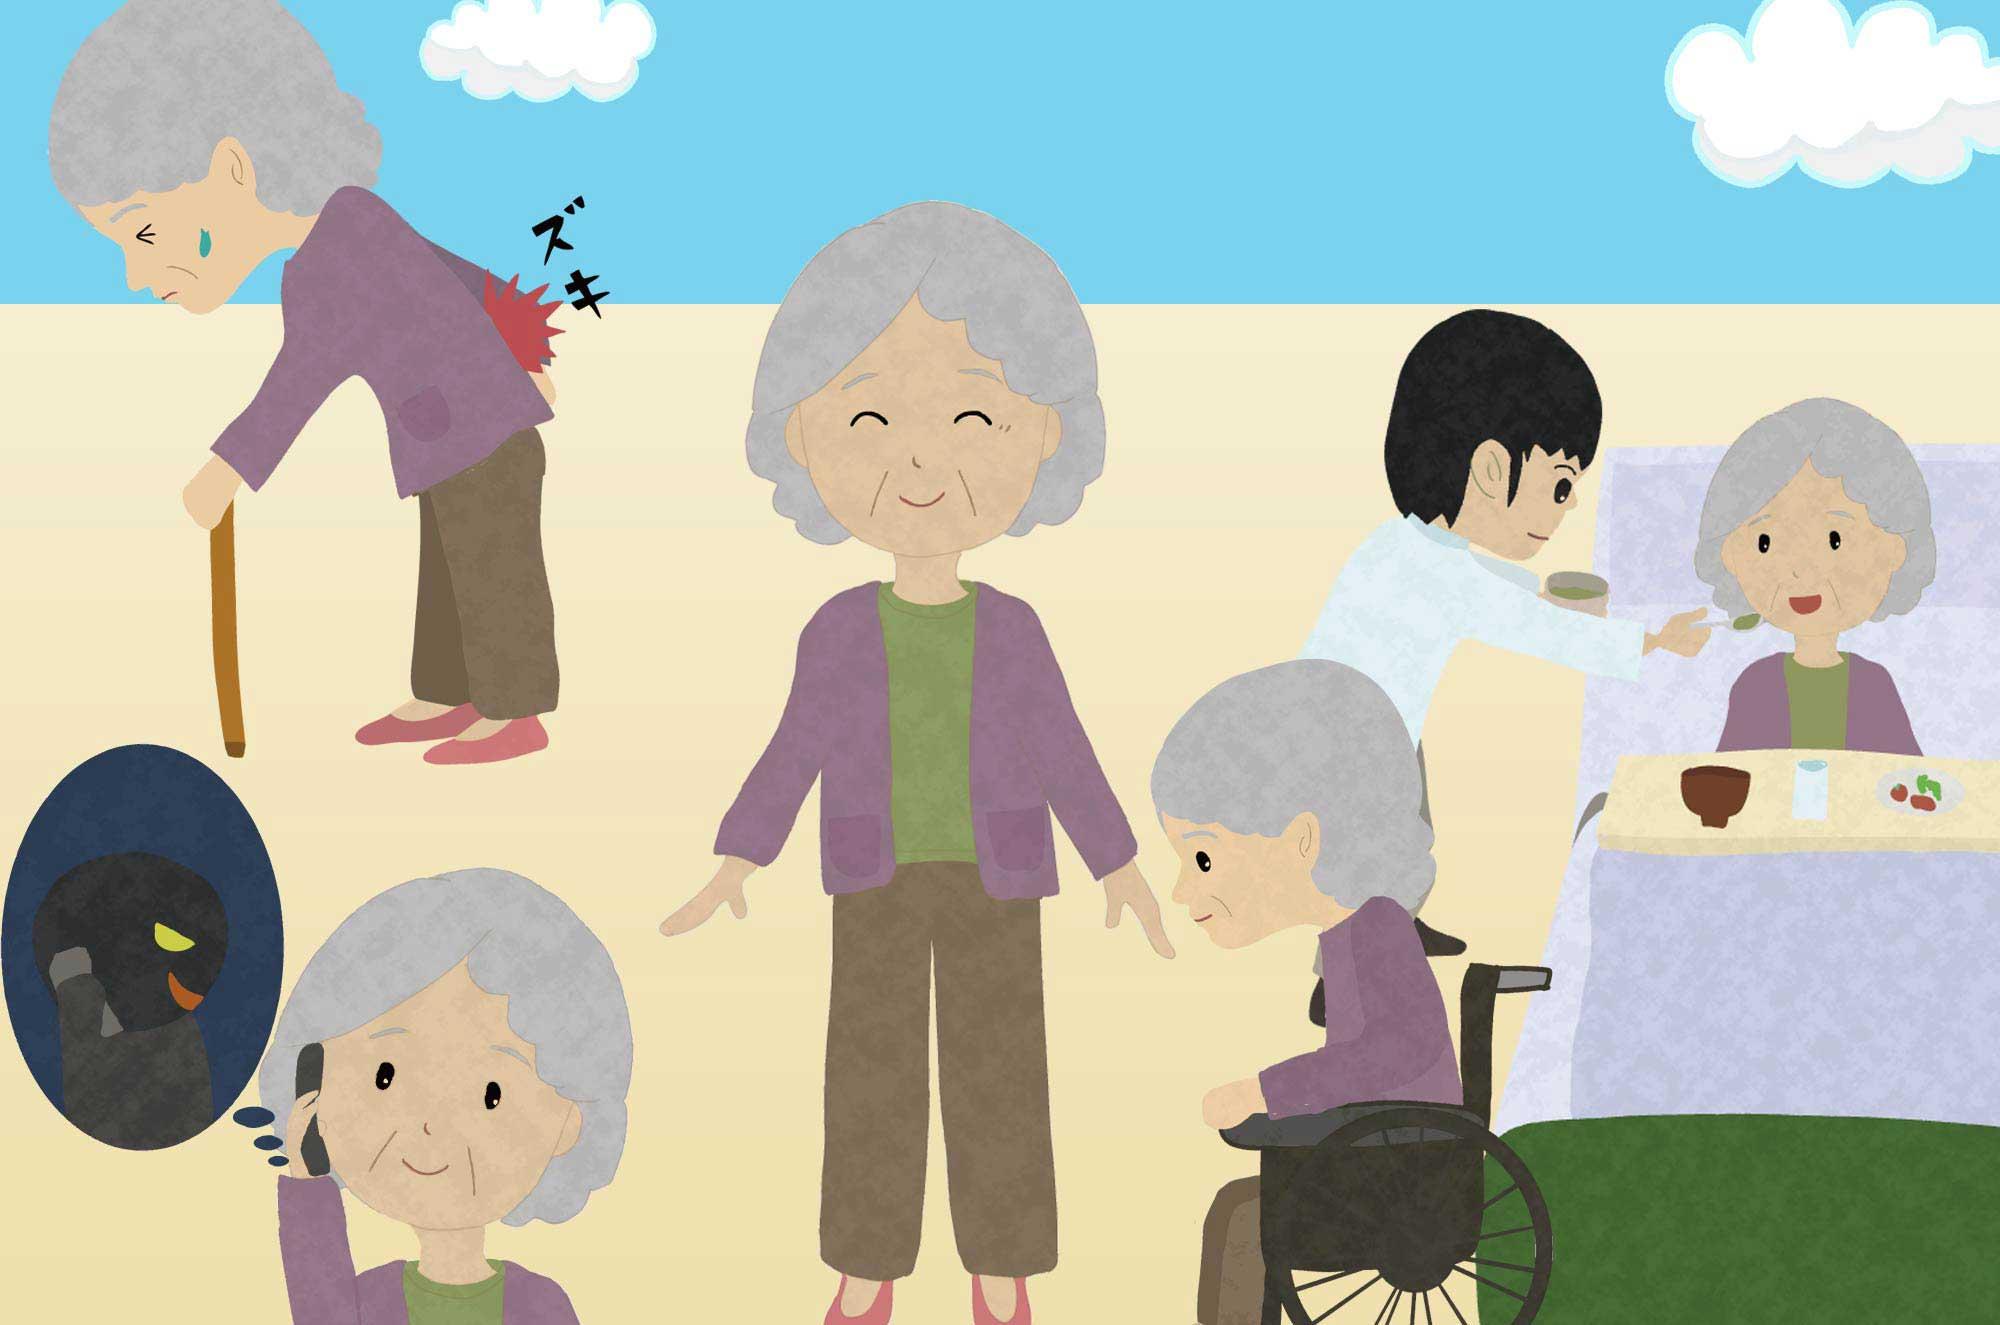 おばあさんイラスト - 笑う・泣く・怒る表情別無料素材